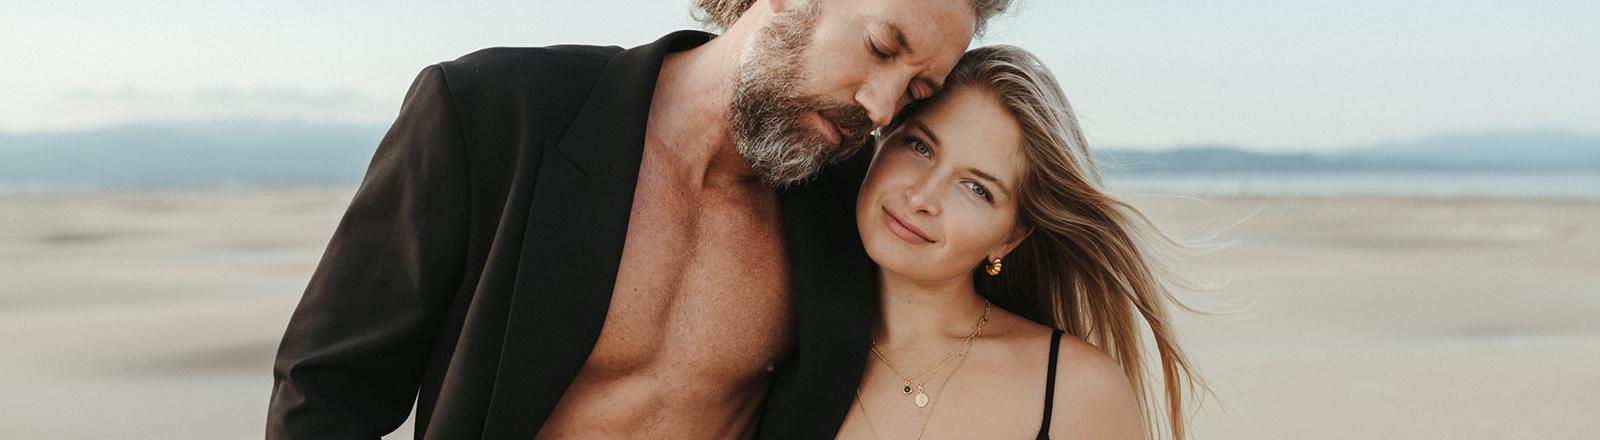 Ein Mann mit nackter Brust und offenem Jacket steht neben einer Frau an einem Strand.